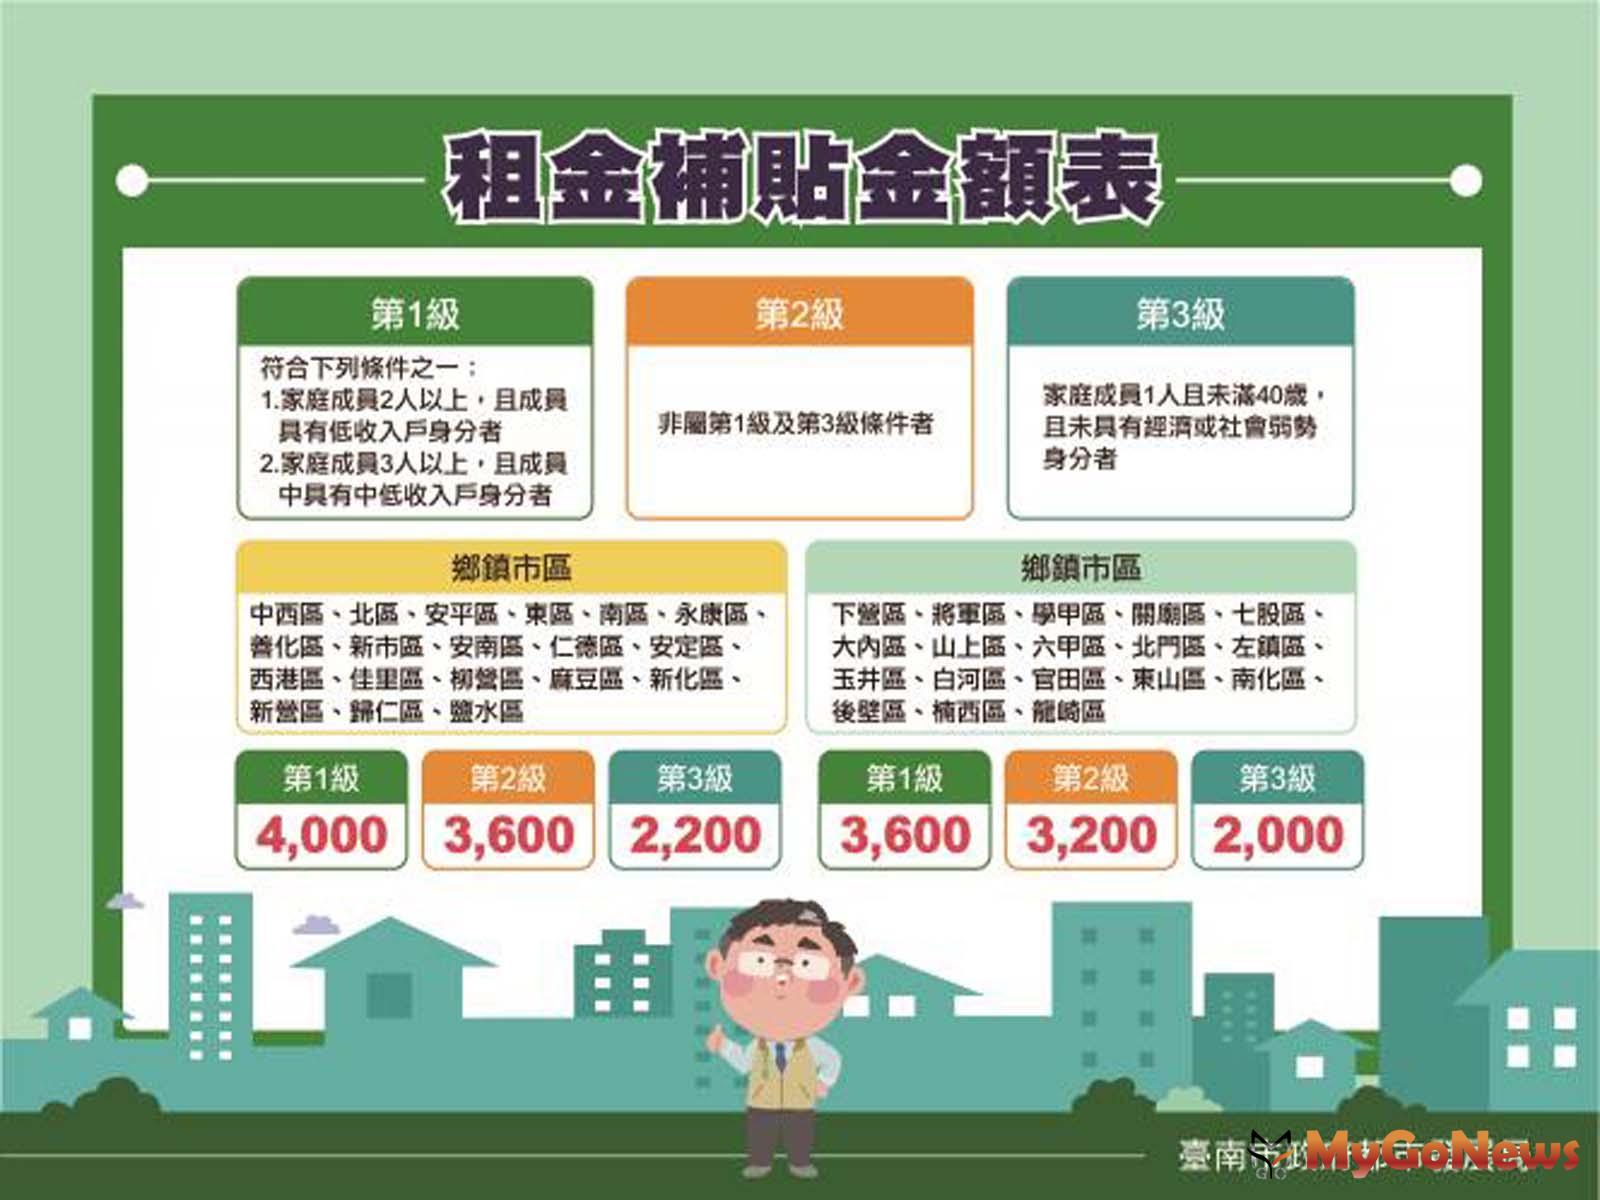 2021年度台南市住宅補貼將於8月2日至31日受理申請,租金補貼首採分級分區好貼心!(圖/台南市政府) MyGoNews房地產新聞 區域情報